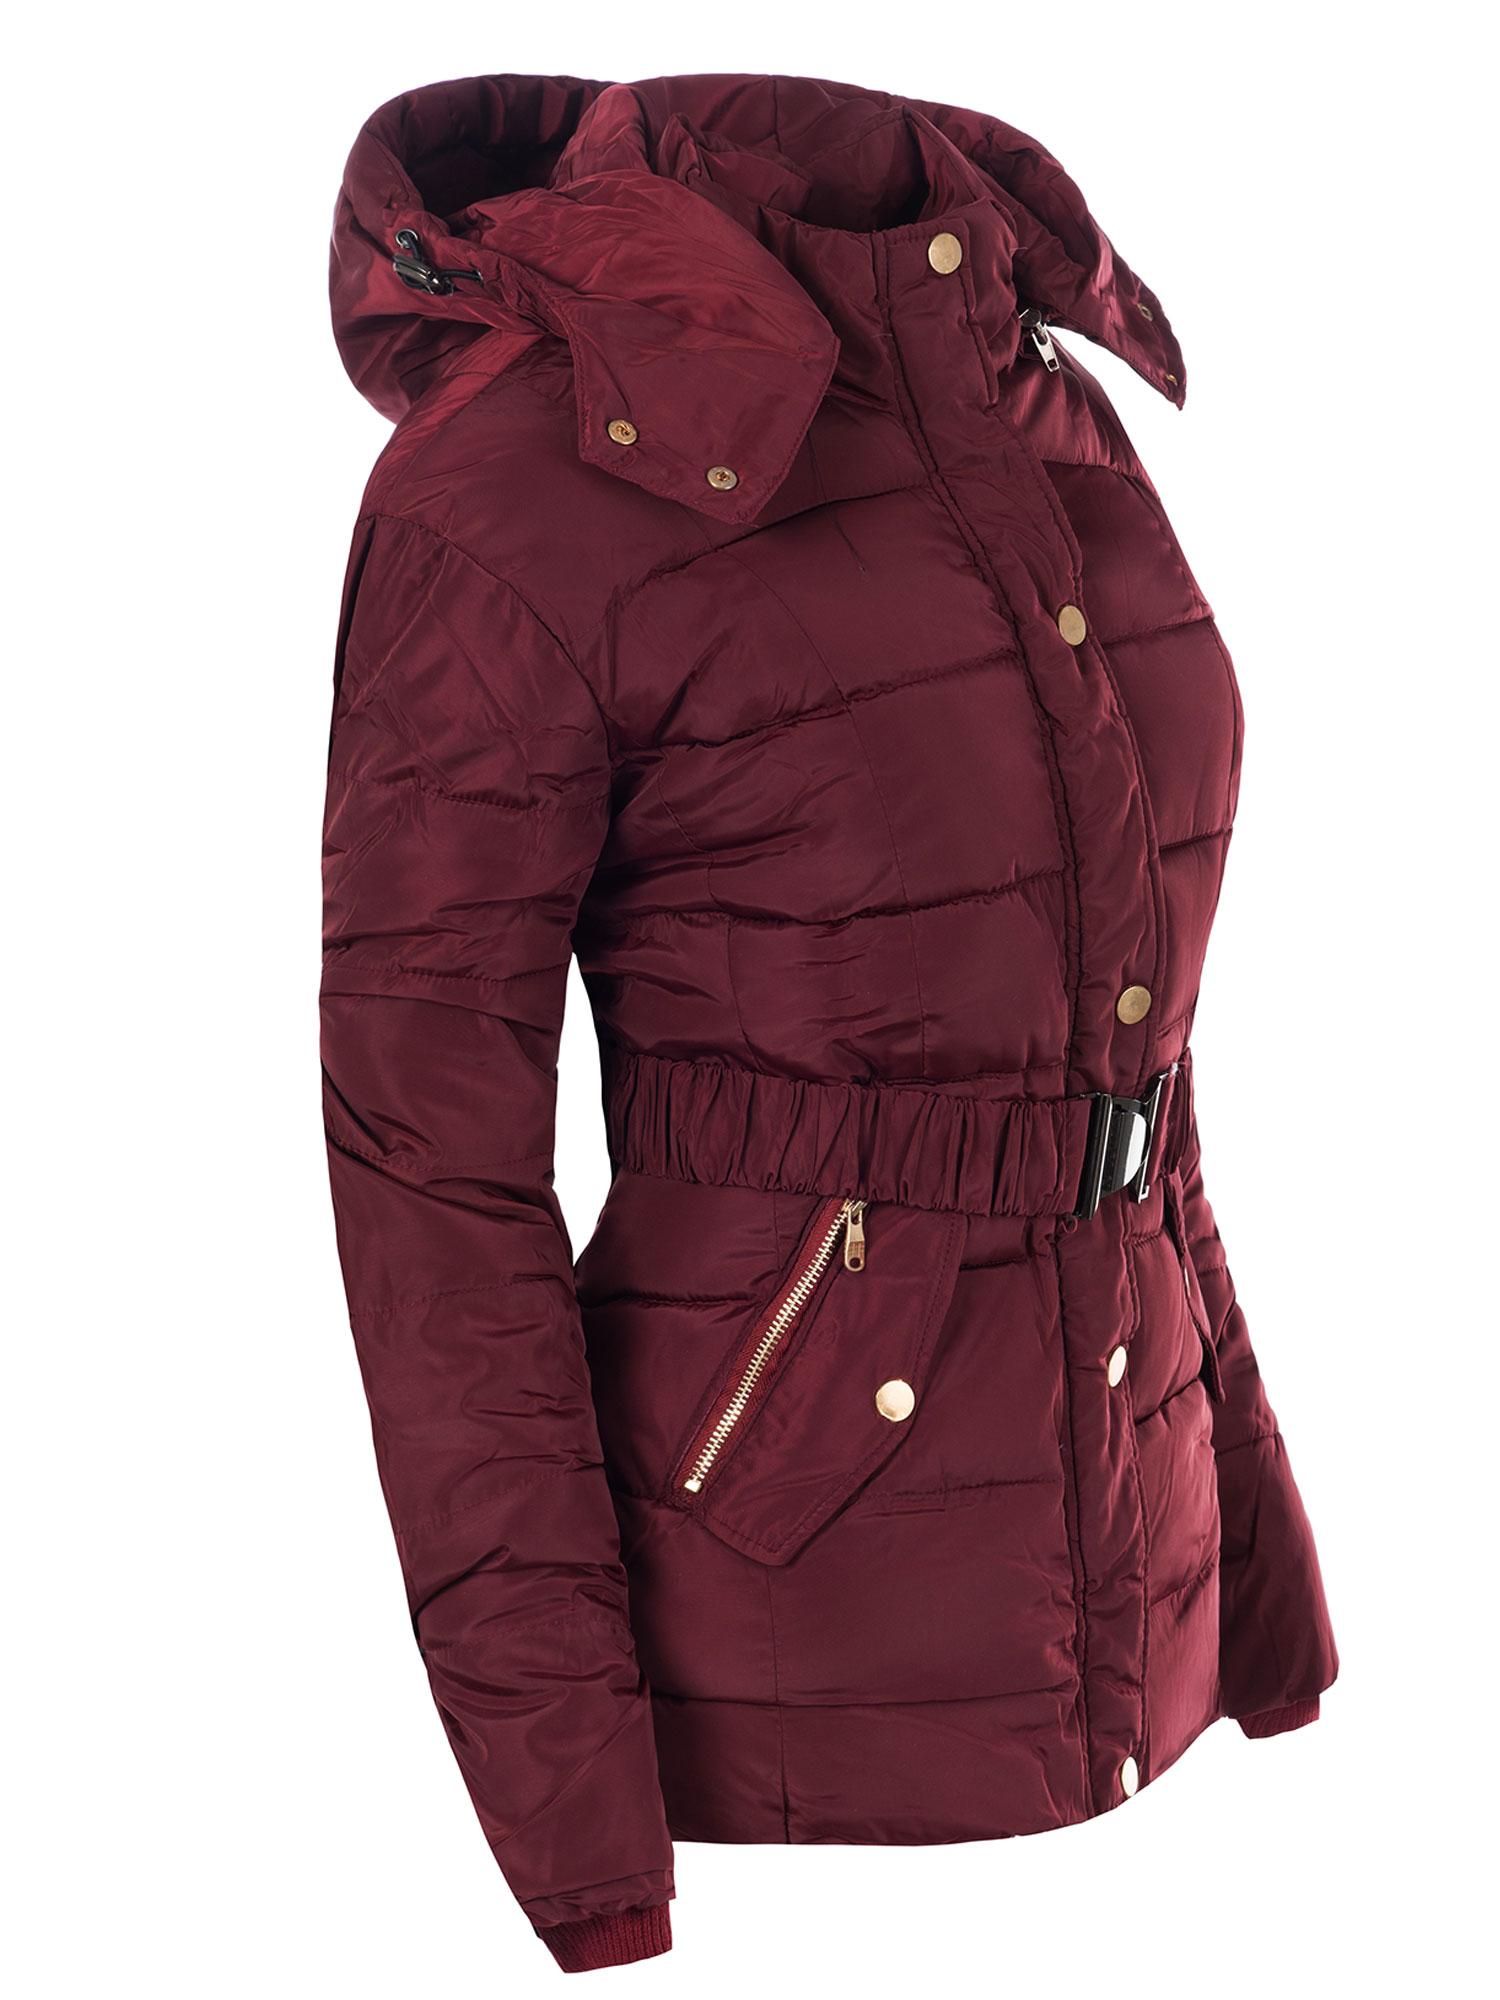 1a3563fdced8 Dámska zimná bunda prešívaná 4 farby 9001 -